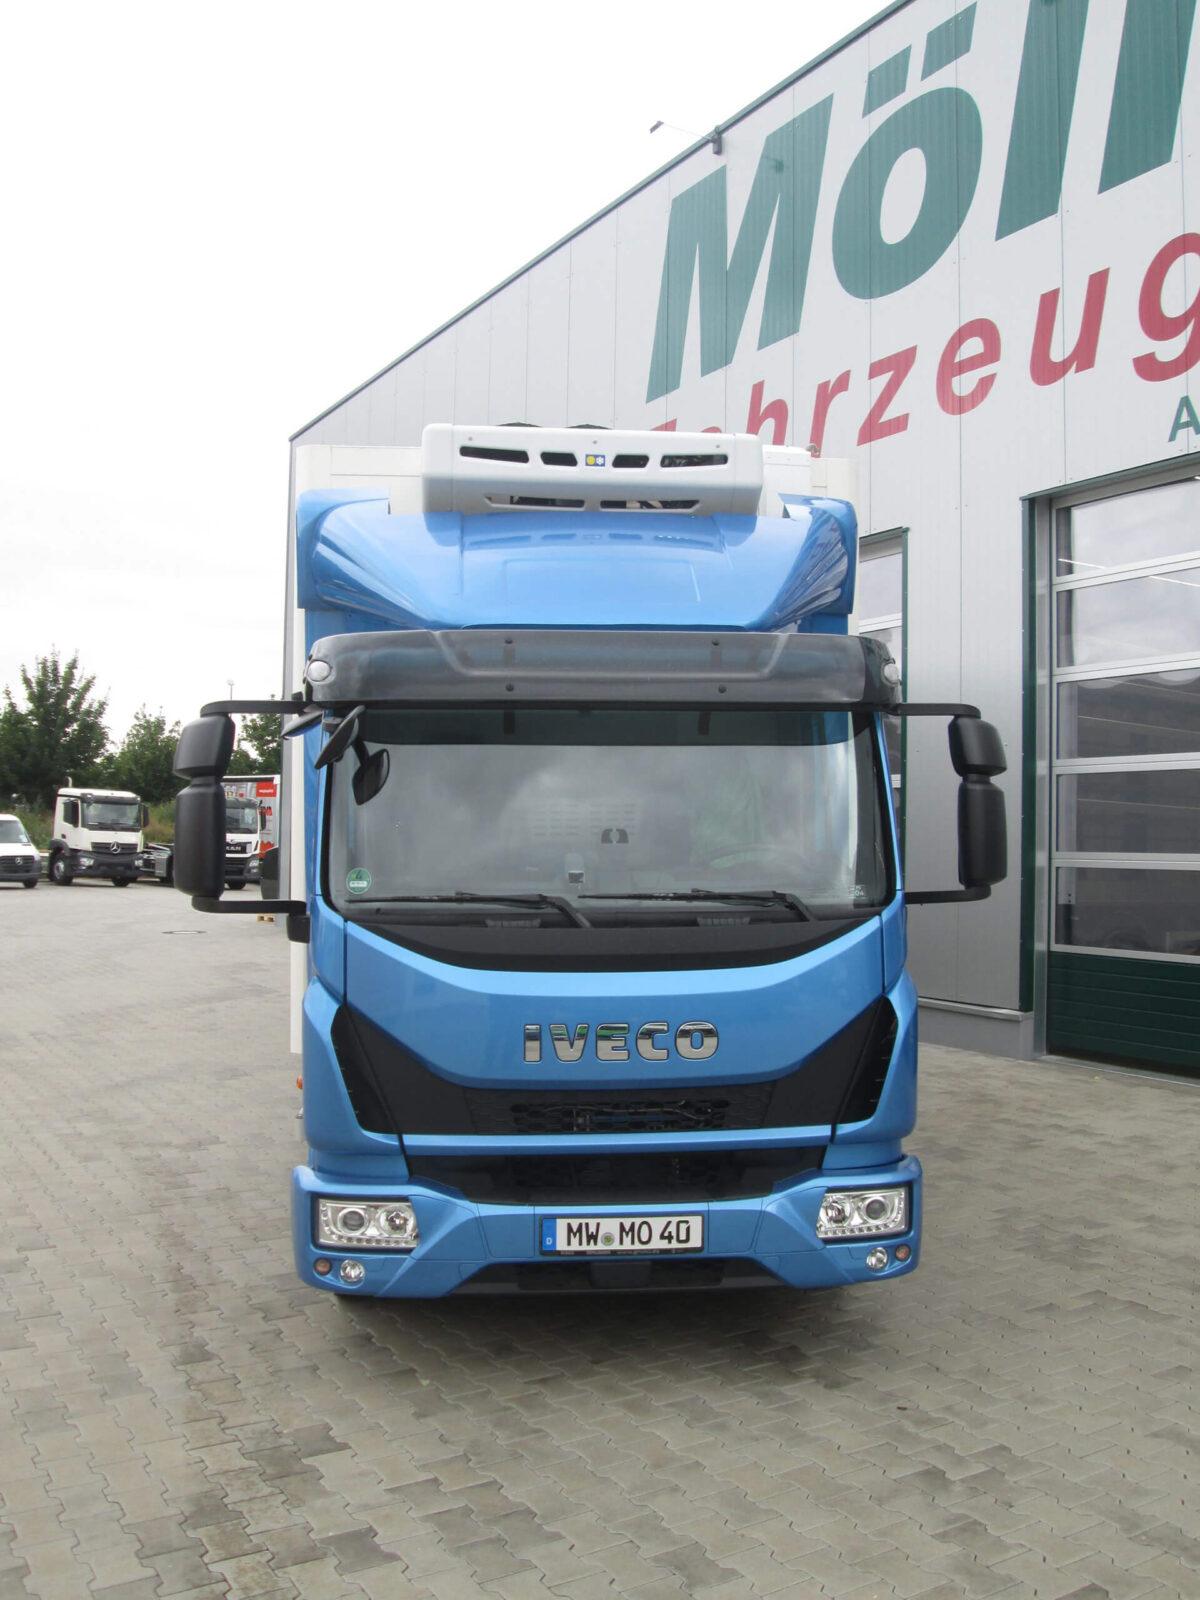 LOOK-ALIKE Seitenflügel für Iveco Eurocargo, Normalfahrerhaus B 2350 mm für abc aeroline